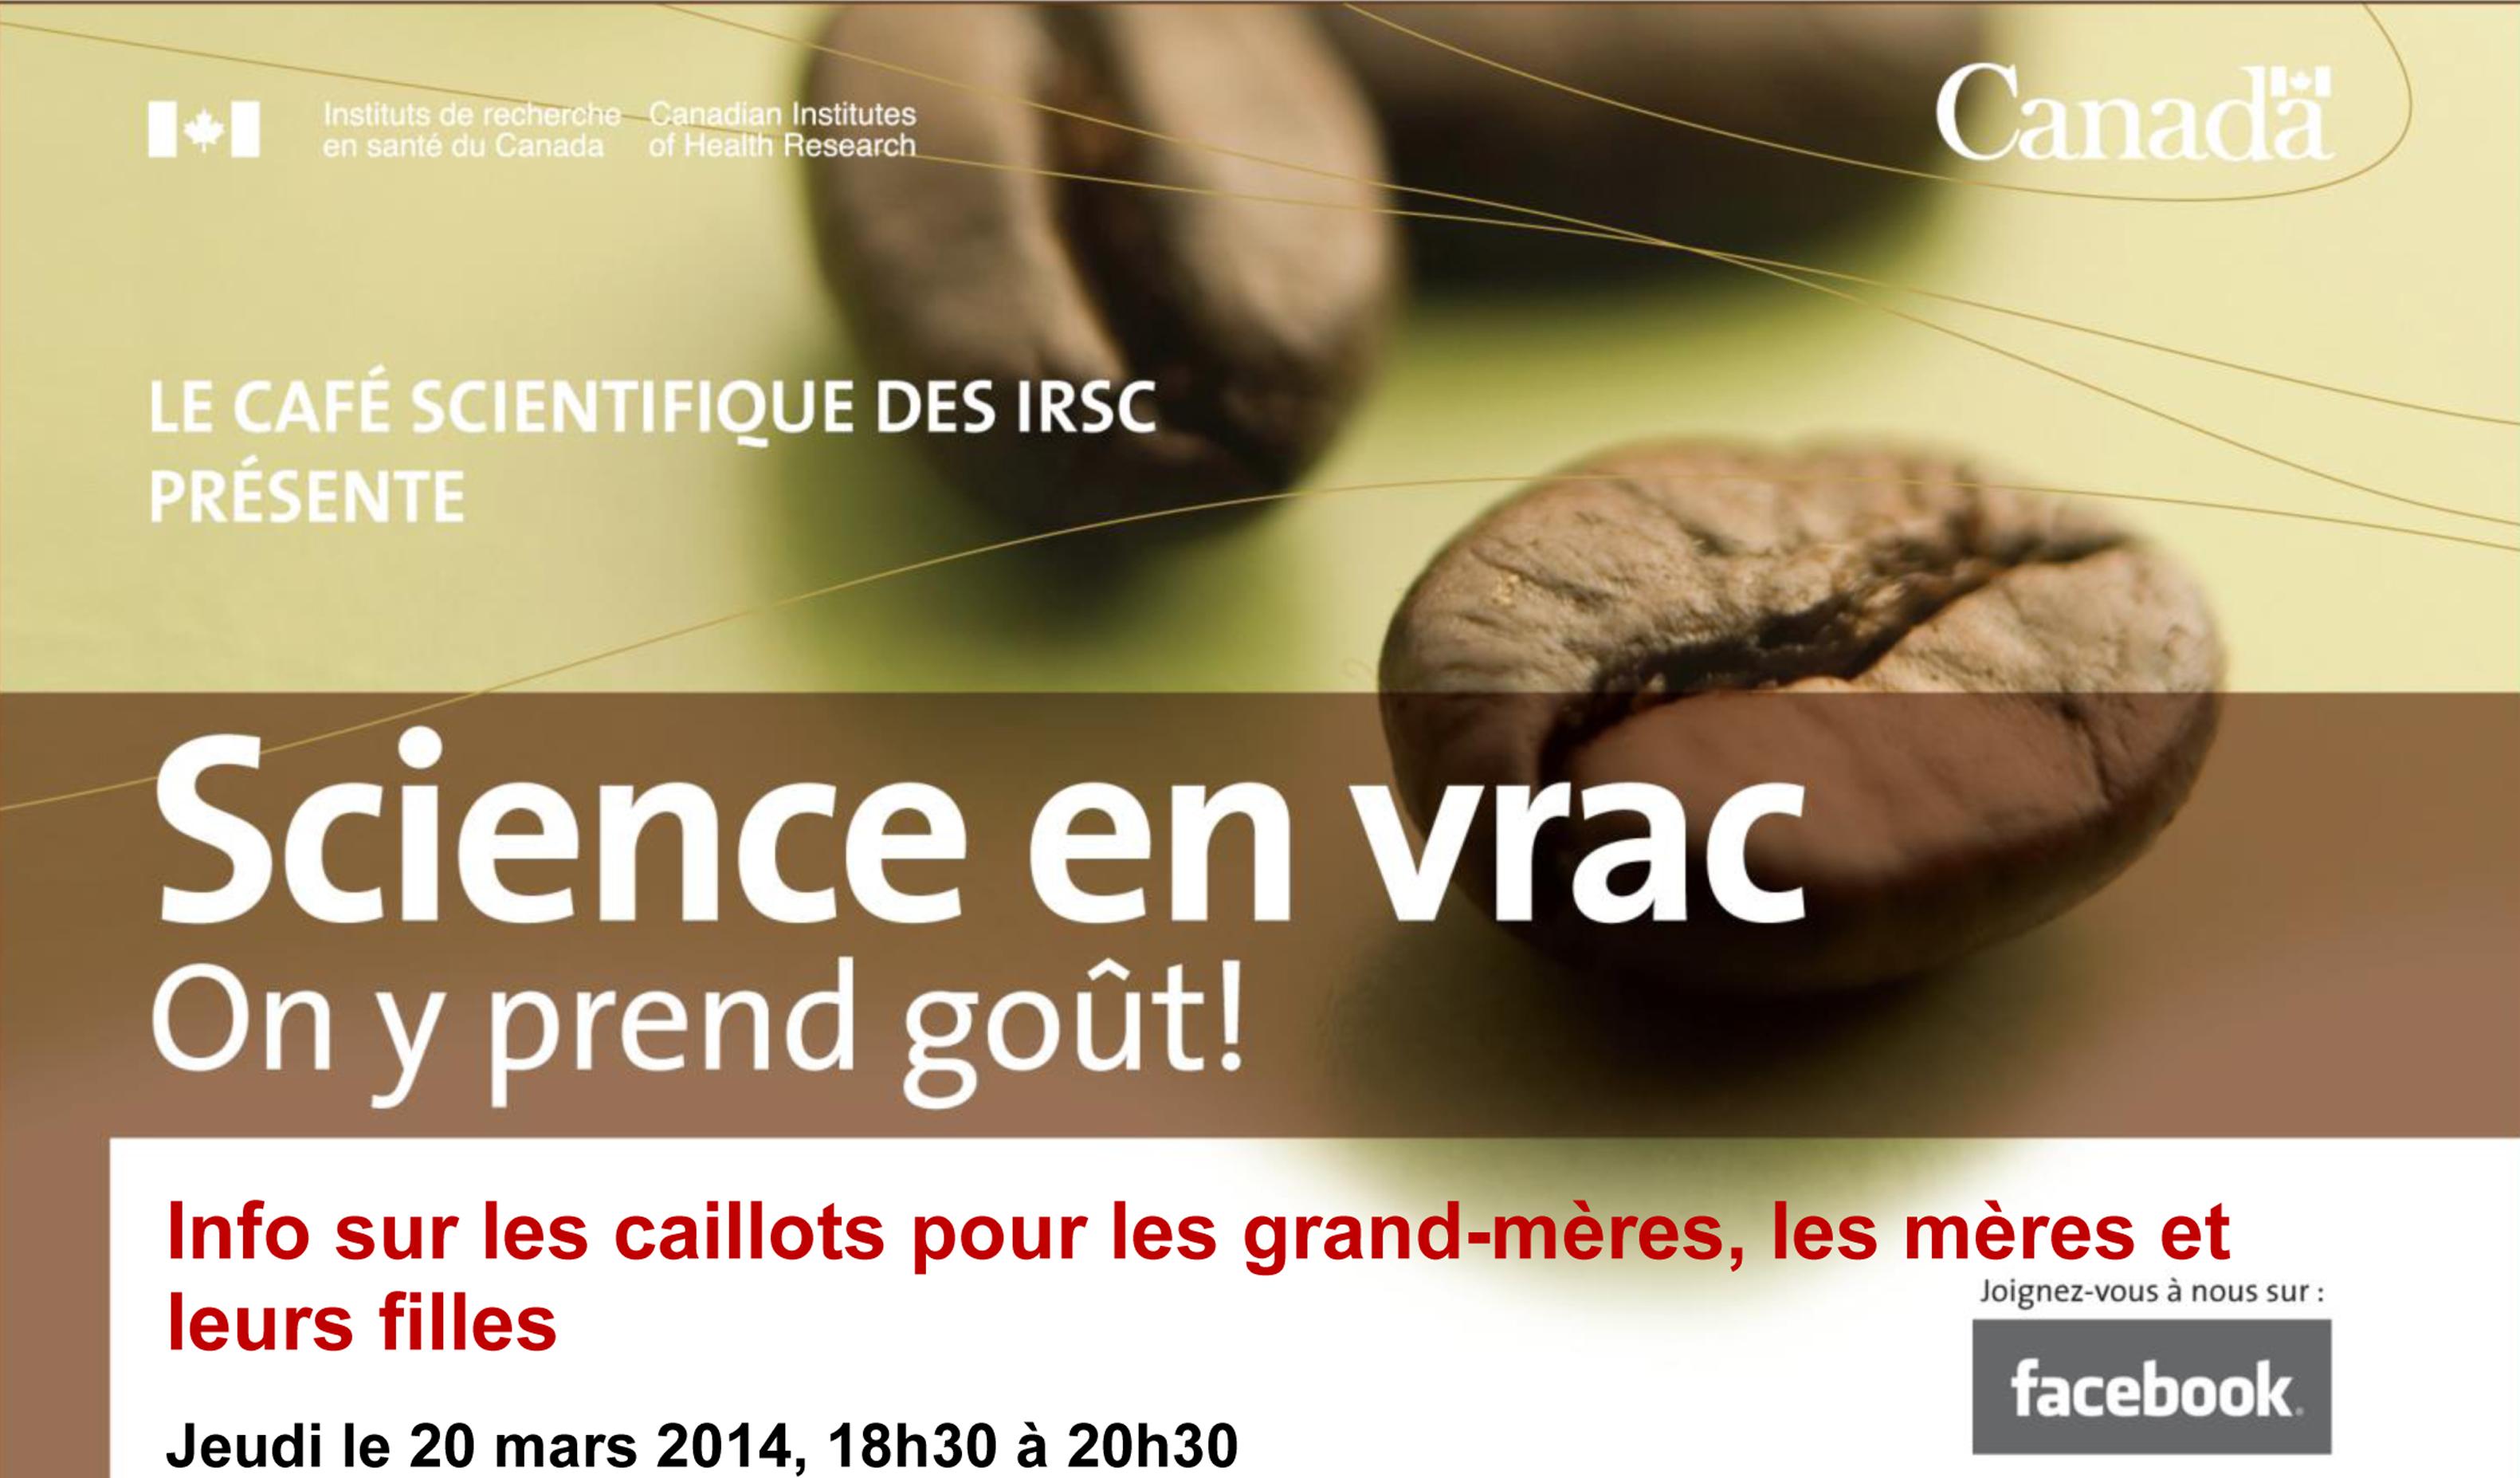 Cafe Scientifique - info sur les caillots - 20 mars